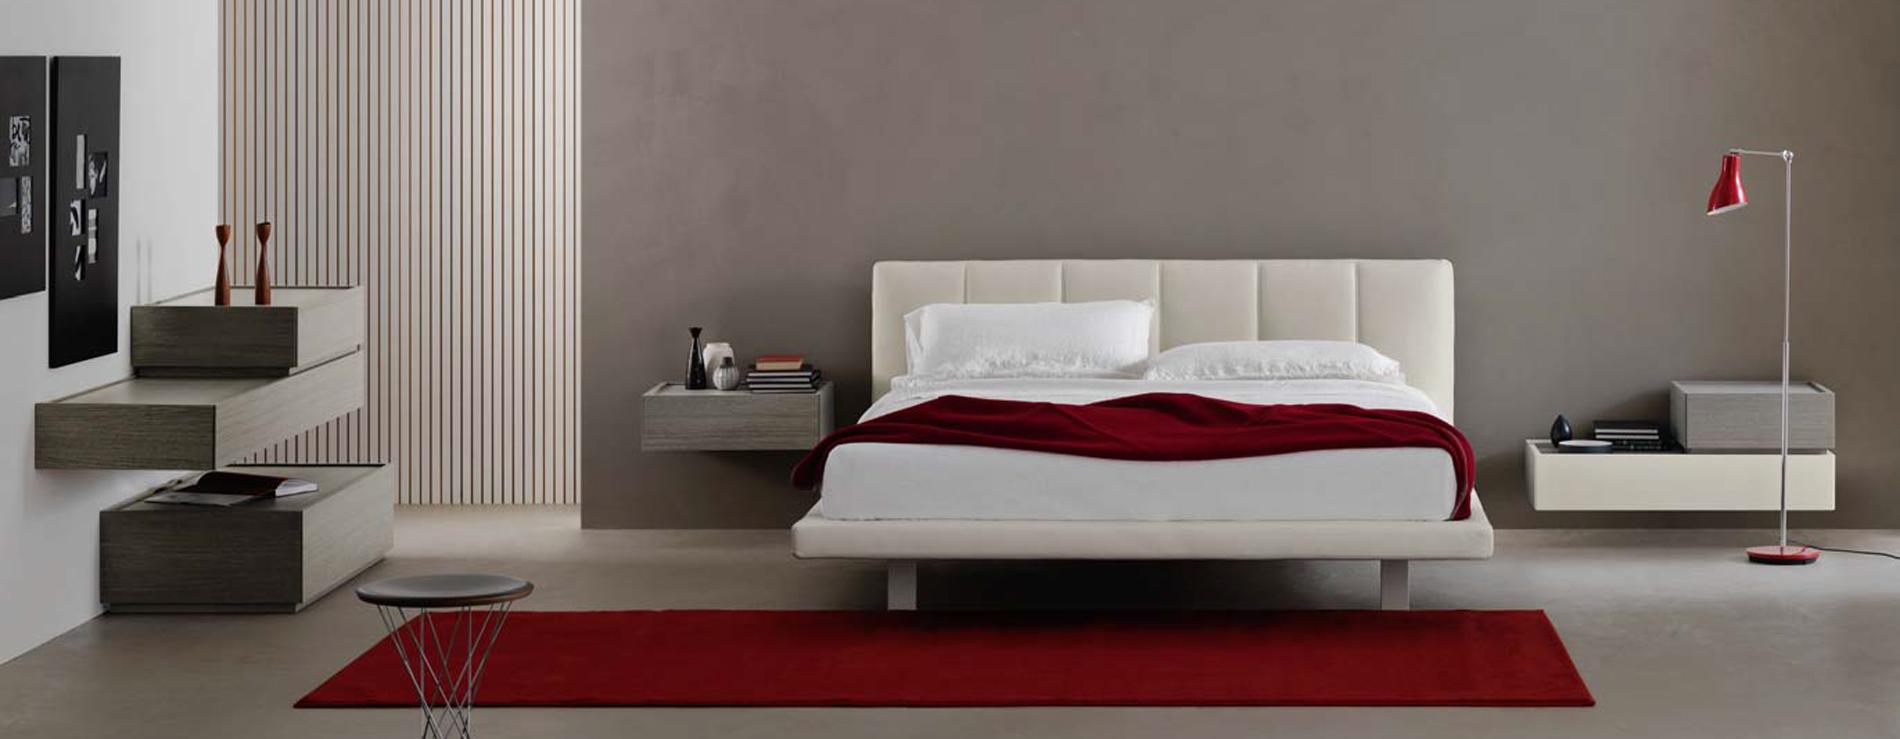 San giorgio camere da letto idee per il design della casa for Design della casa con due camere da letto